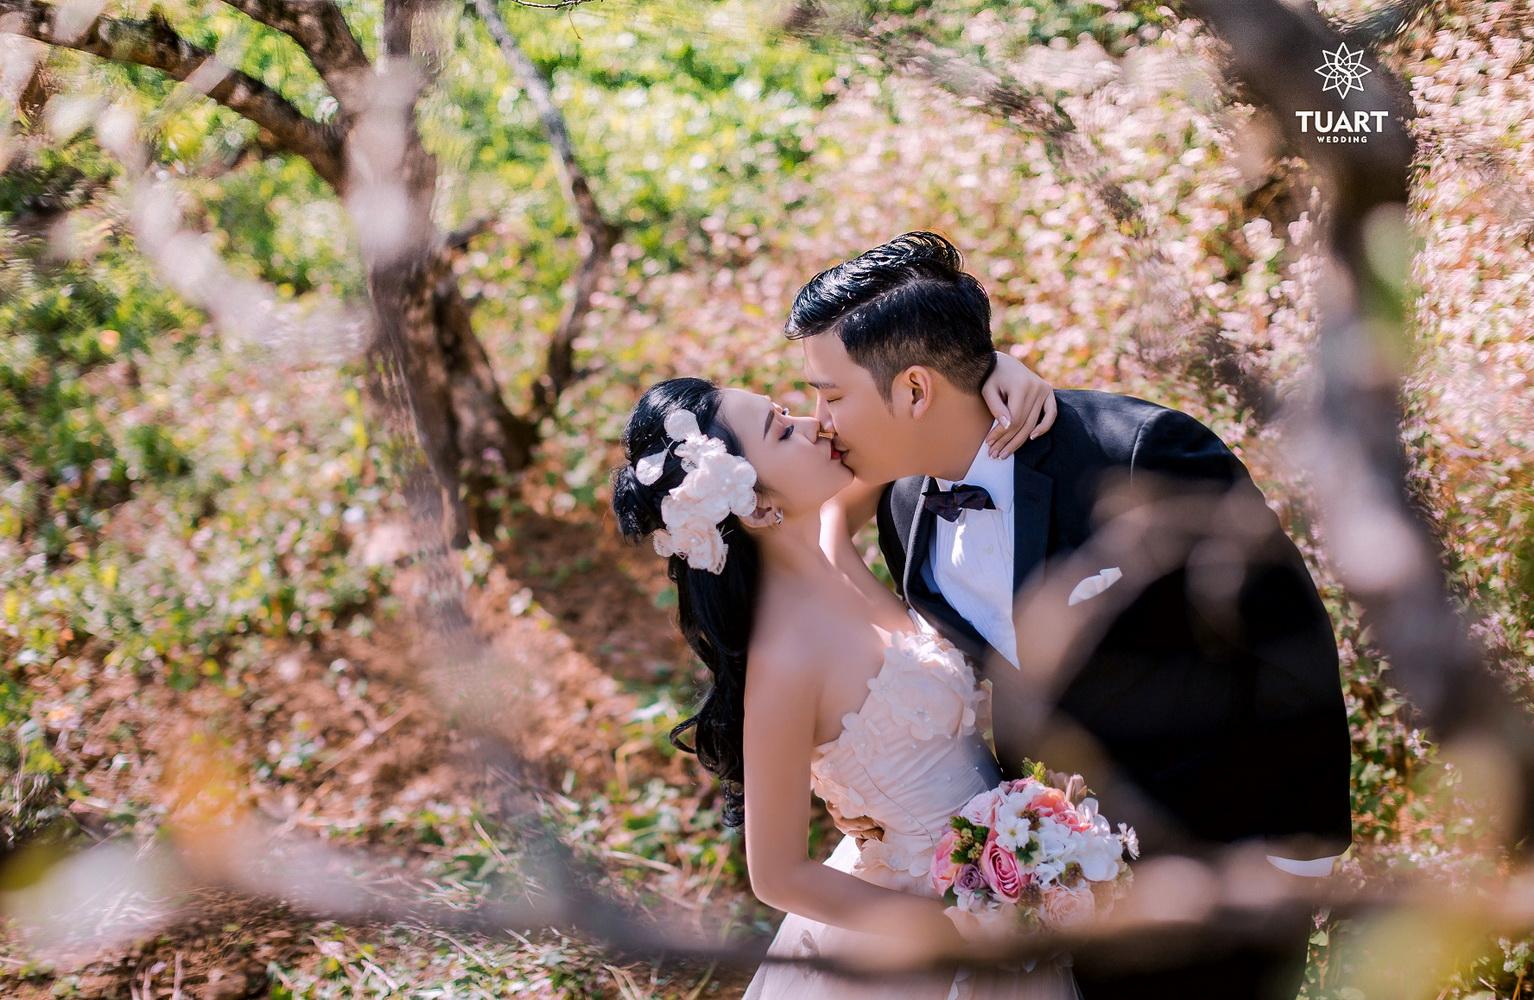 Album chụp ảnh cưới đẹp tại Mộc Châu: Đức-Lan 12